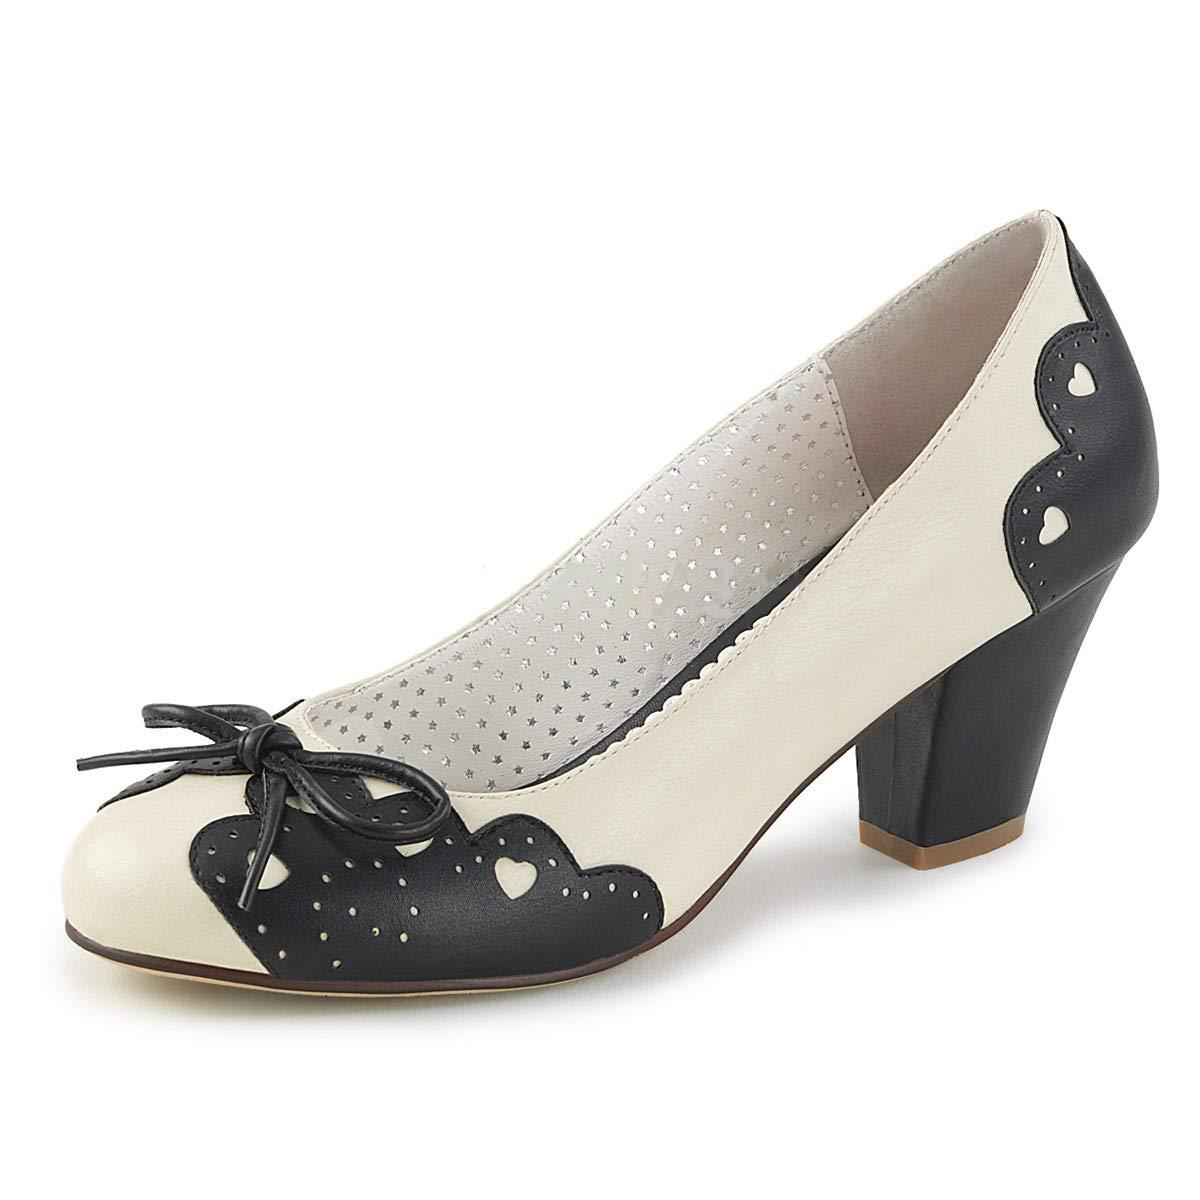 Pinup Couture Damen Pumps mit Herzchen Wiggle-17 schwarz Creme